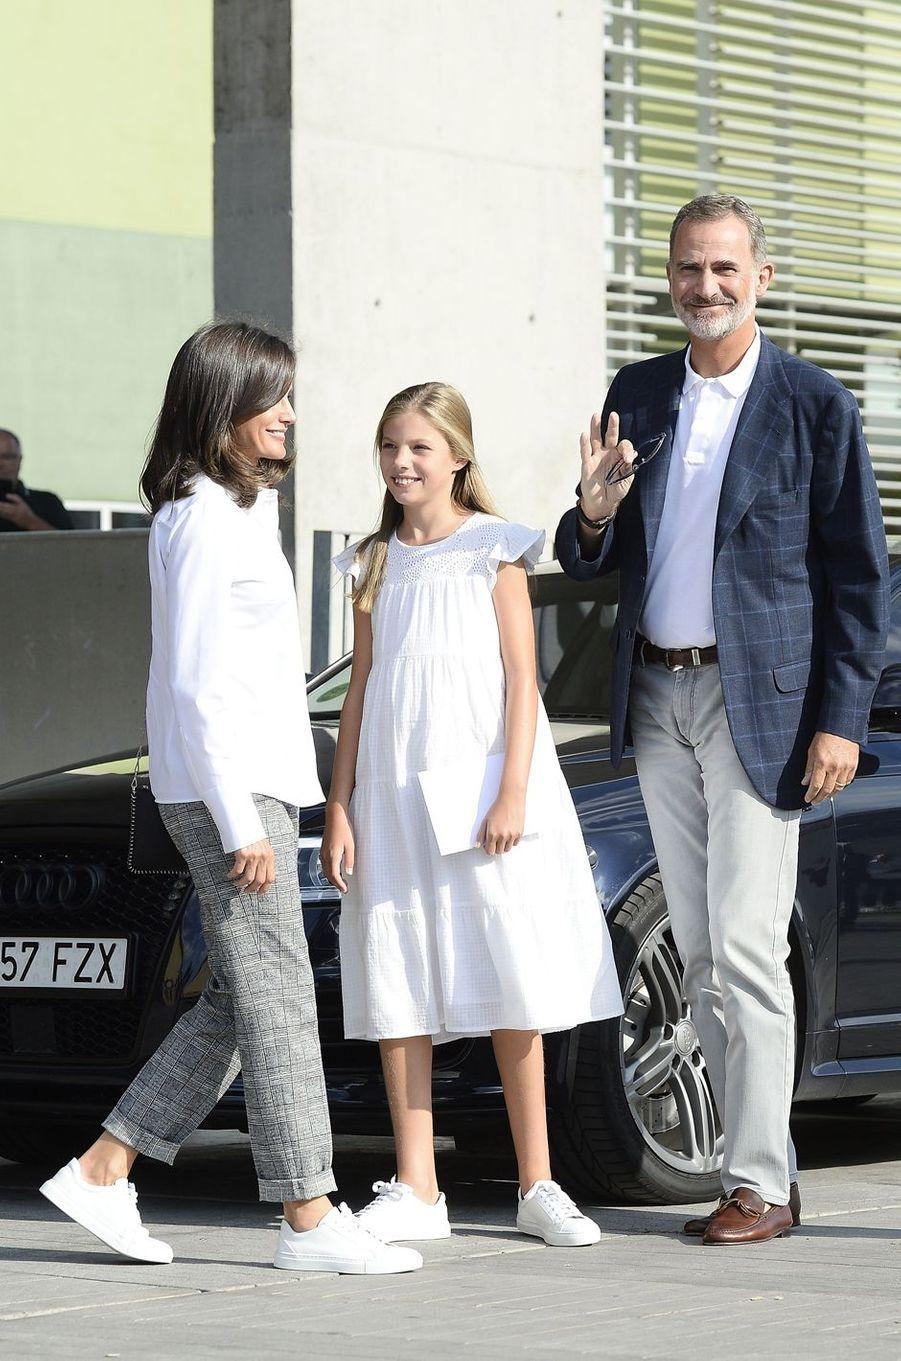 La reine Letizia et le roi Felipe VI d'Espagne avec la princesse Sofia à Madrid, le 27 août 2019